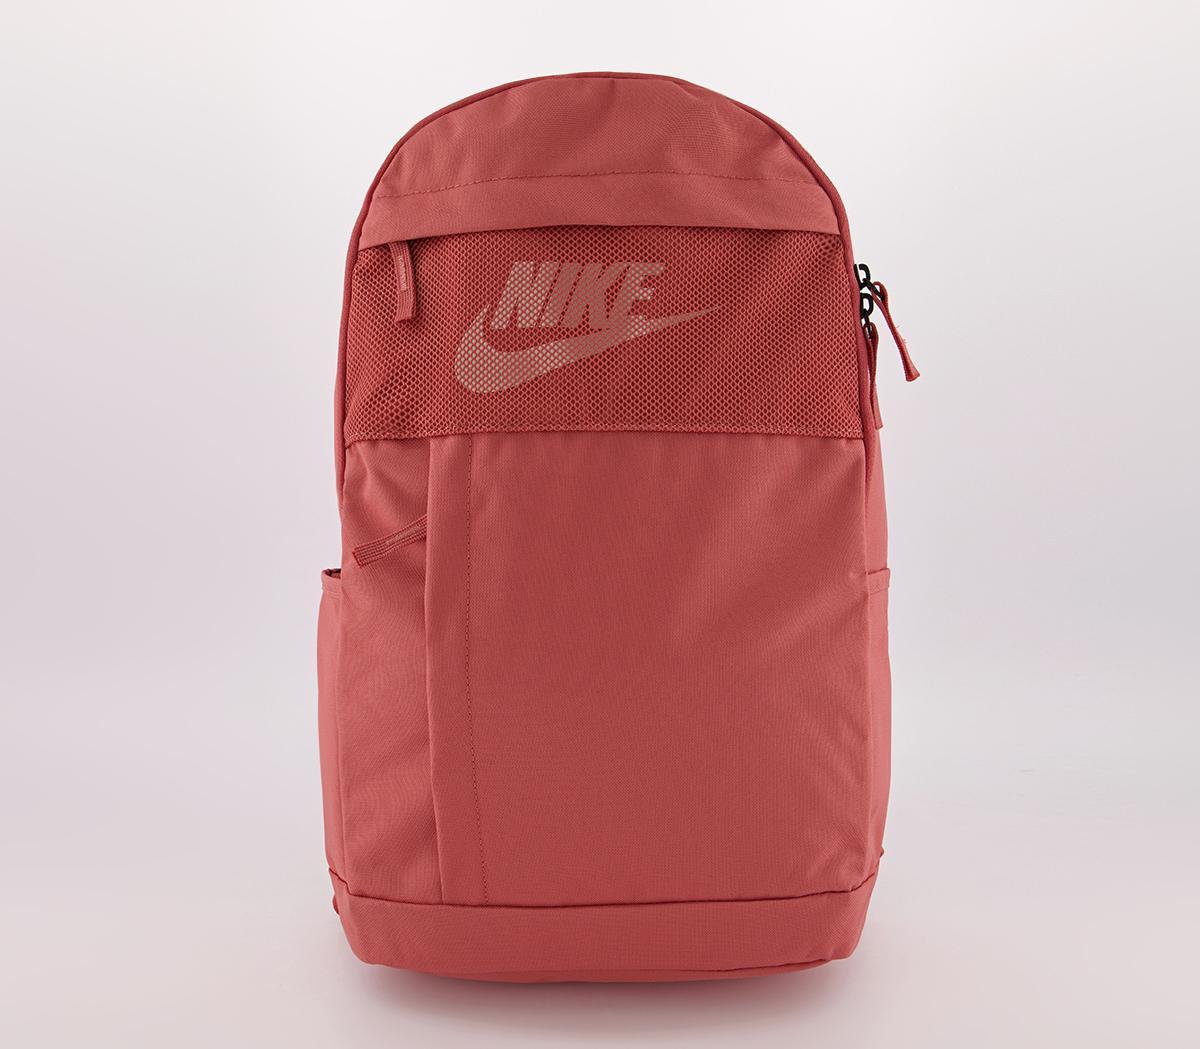 Elemental Lbr Backpack